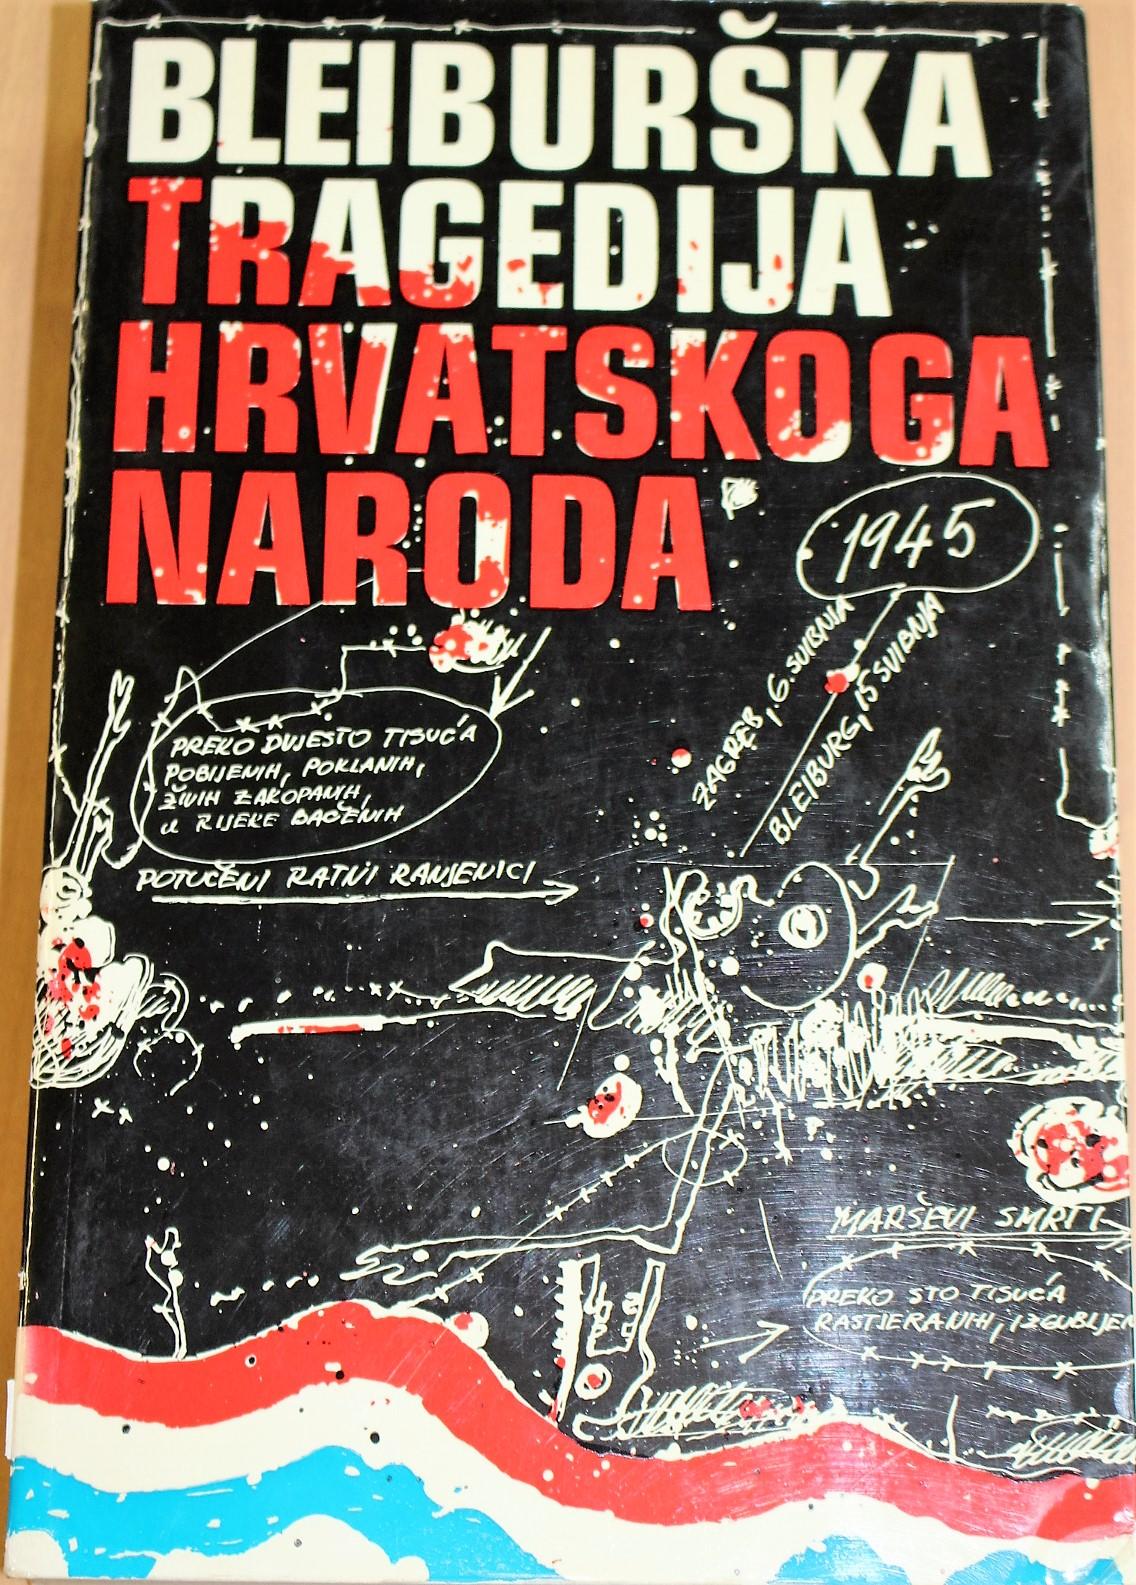 The cover of the book Bleiburška tragedija hrvatskoga naroda